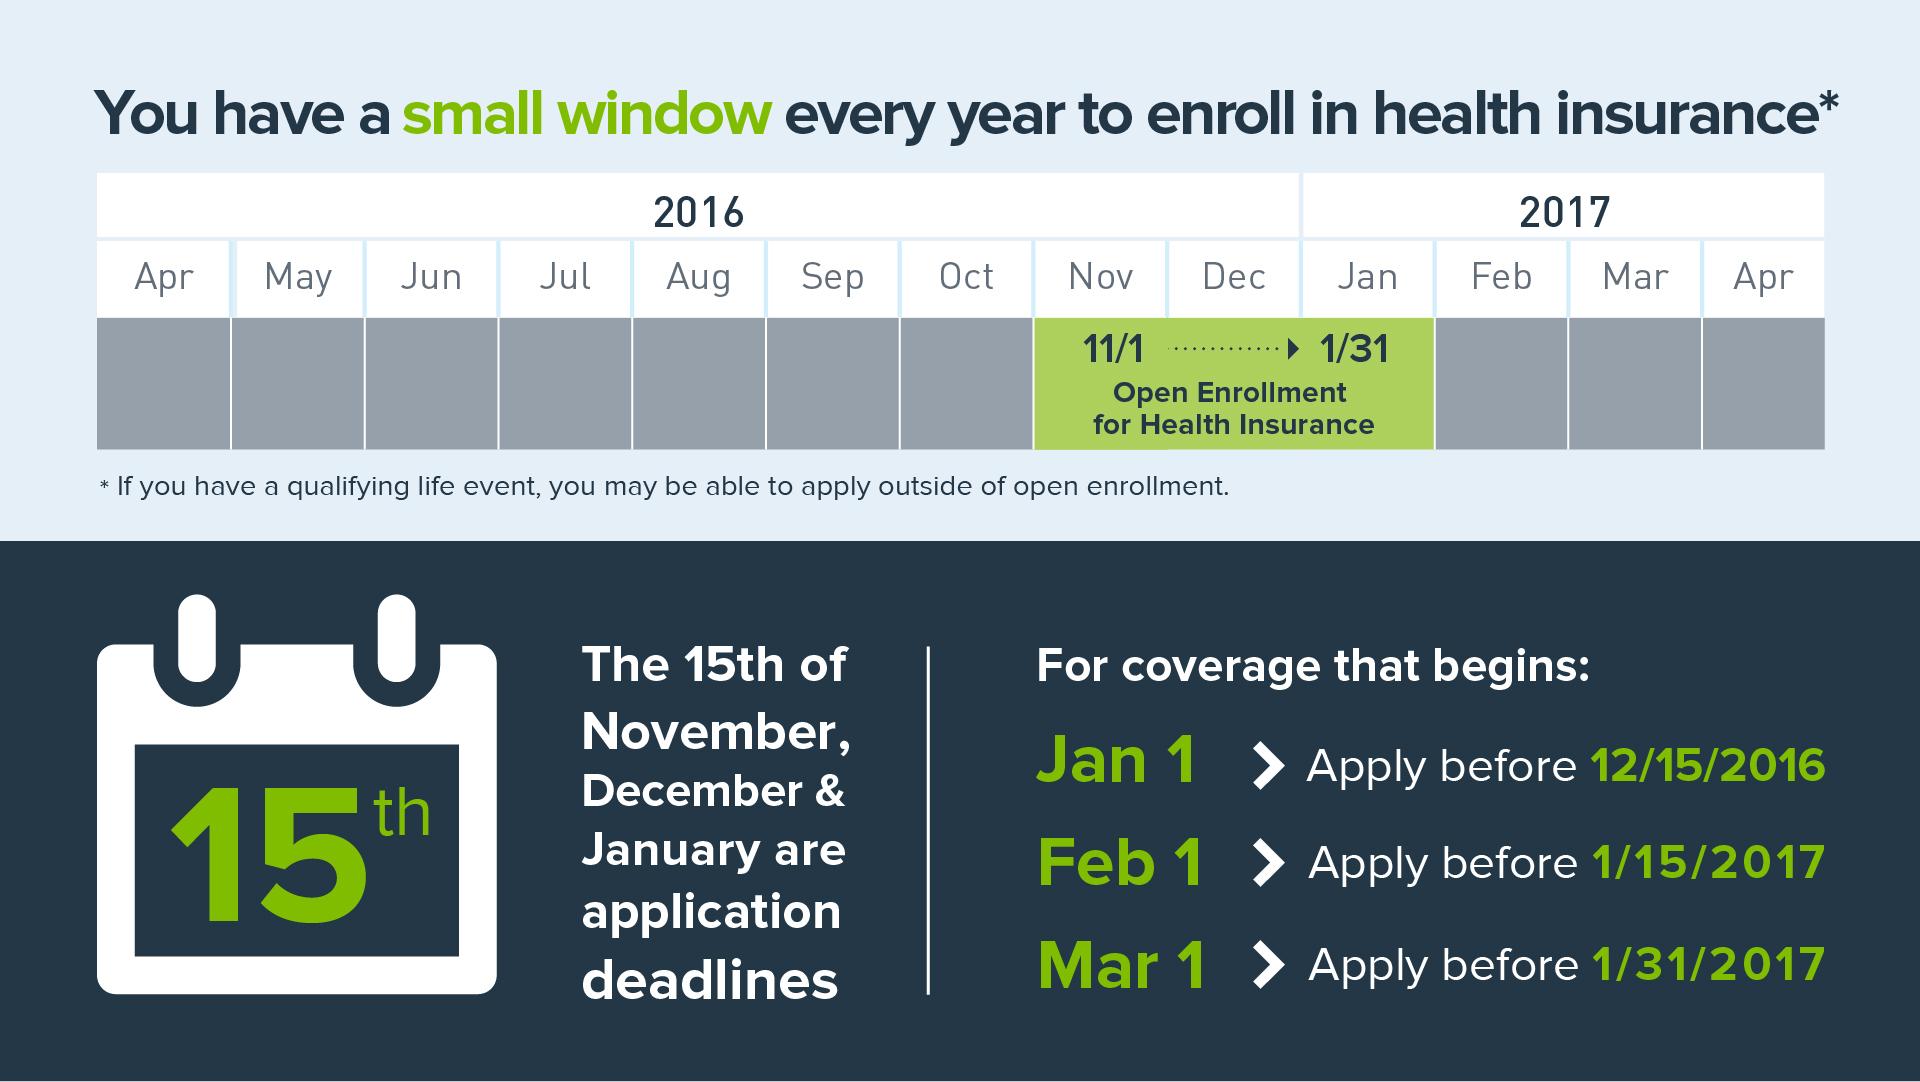 open-enrollment-calendar-2016-2017